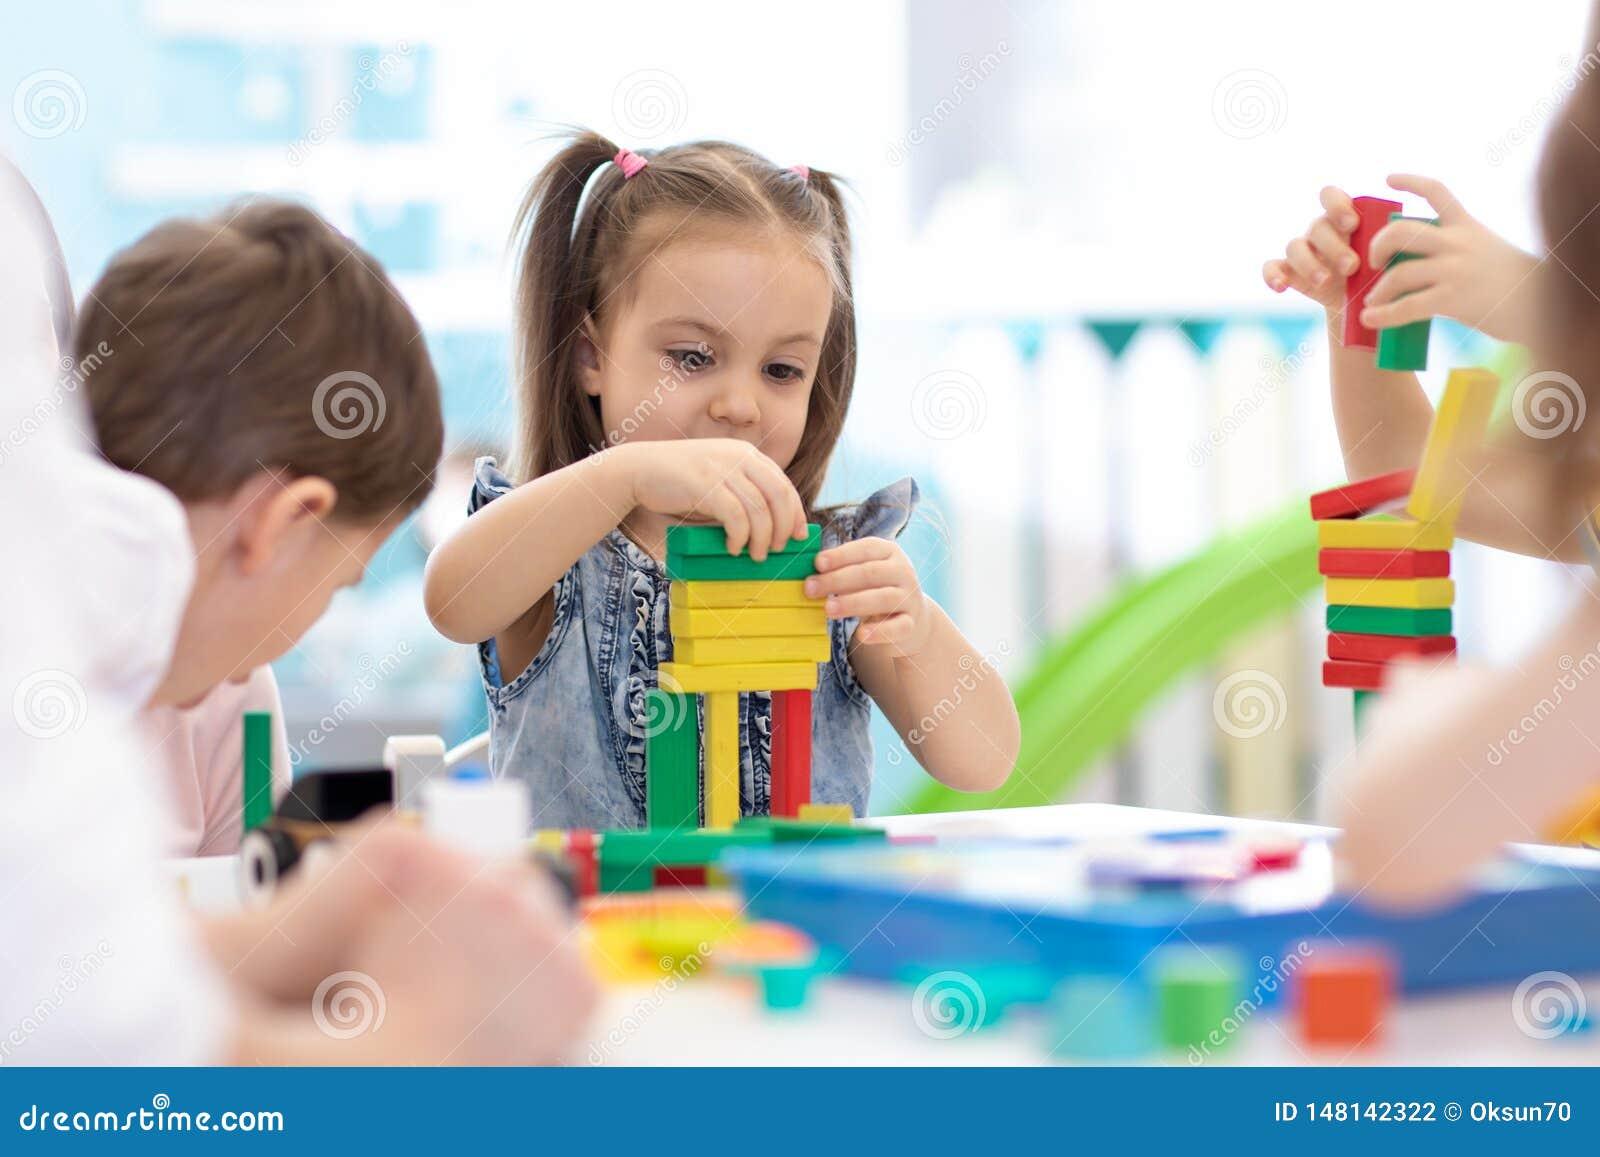 Los ni?os construyen los juguetes del bloque en casa o guarder?a Ni?os emocionales que juegan con los bloques del color Juguetes